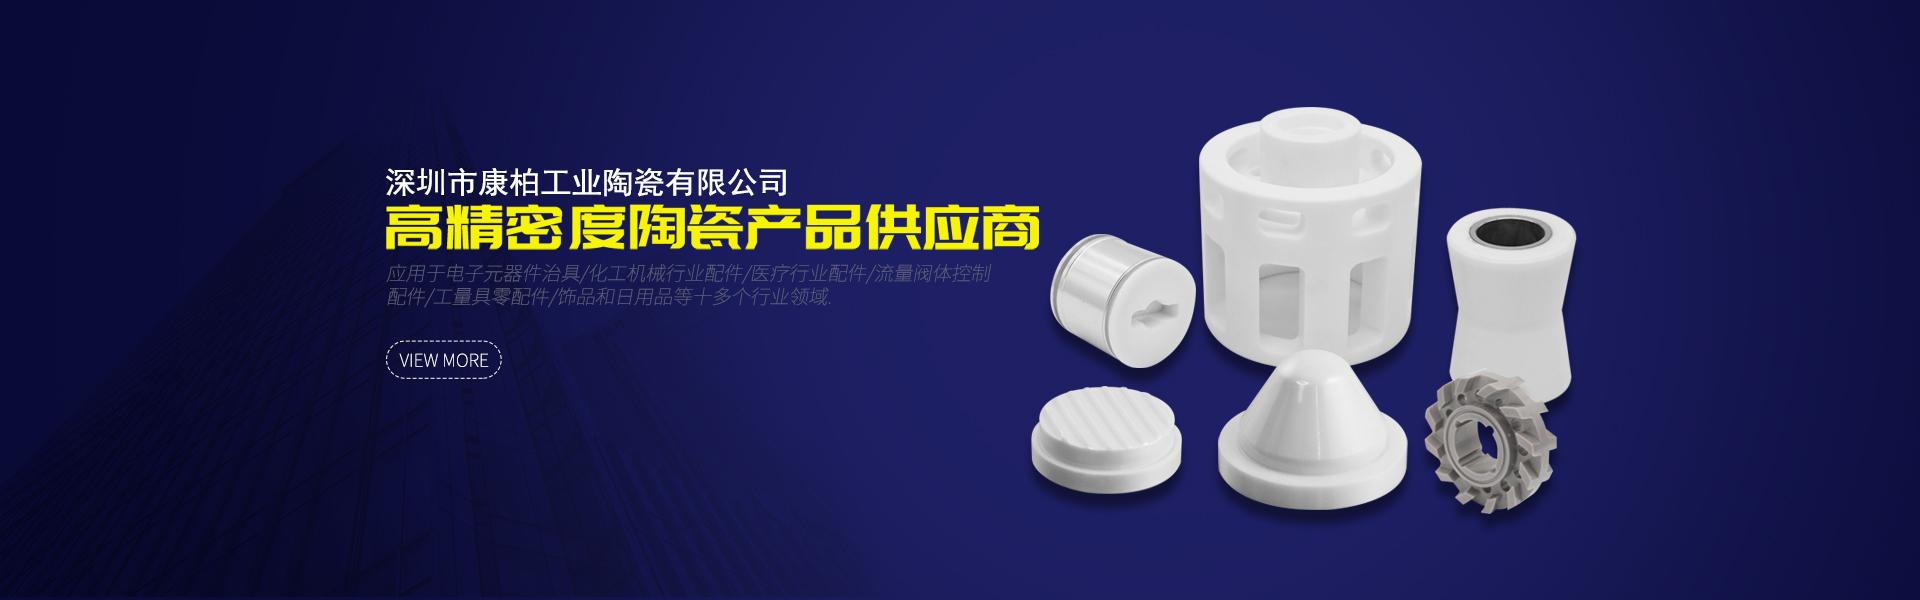 深圳电子陶瓷厂家